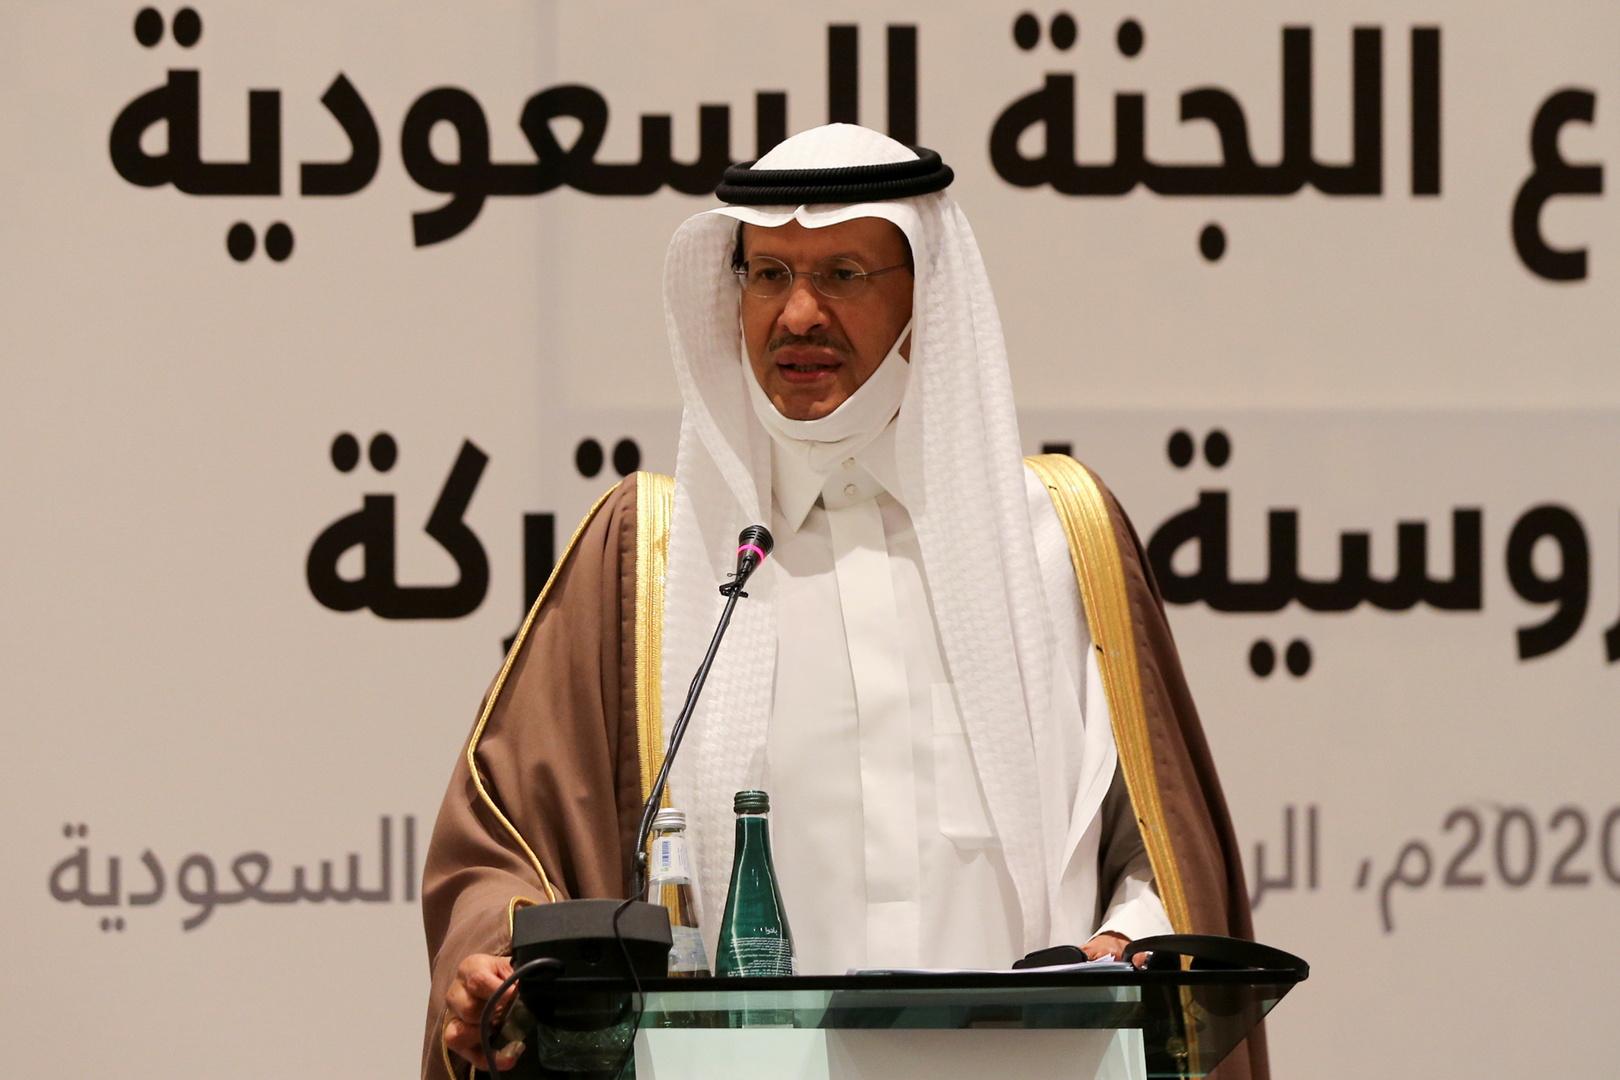 وزير الطاقة السعودي: لم نناقش مع الجانب الأمريكي أسواق النفط